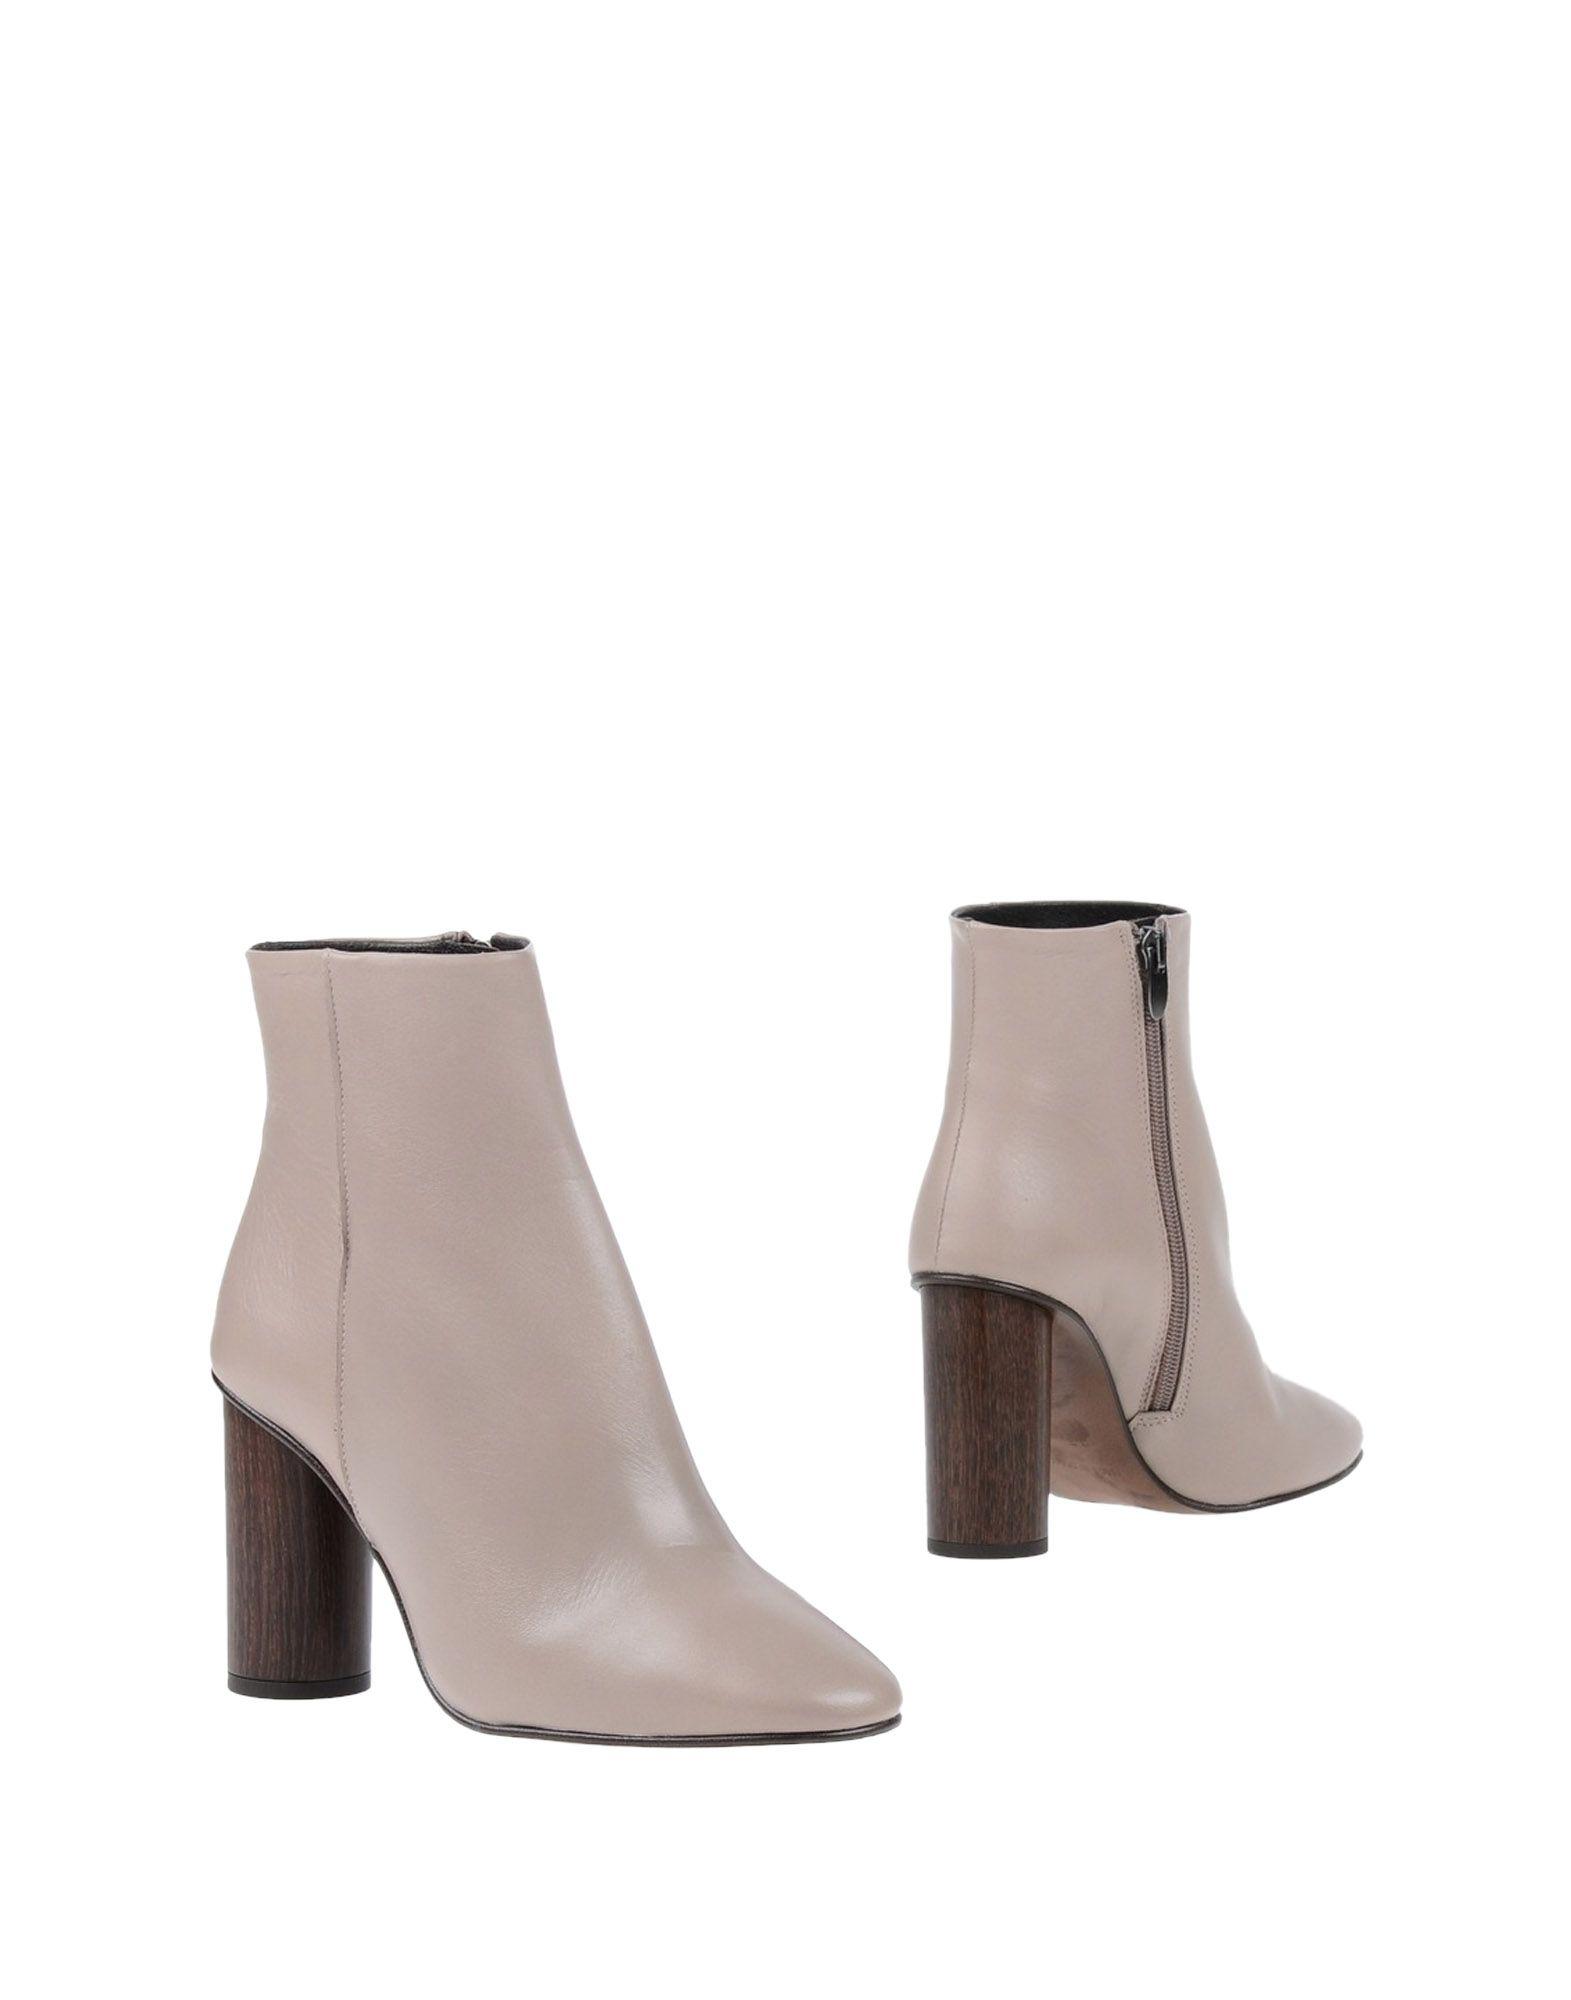 Stilvolle billige Schuhe Cross Walk Stiefelette Damen  11335847RE 11335847RE 11335847RE 361eb3